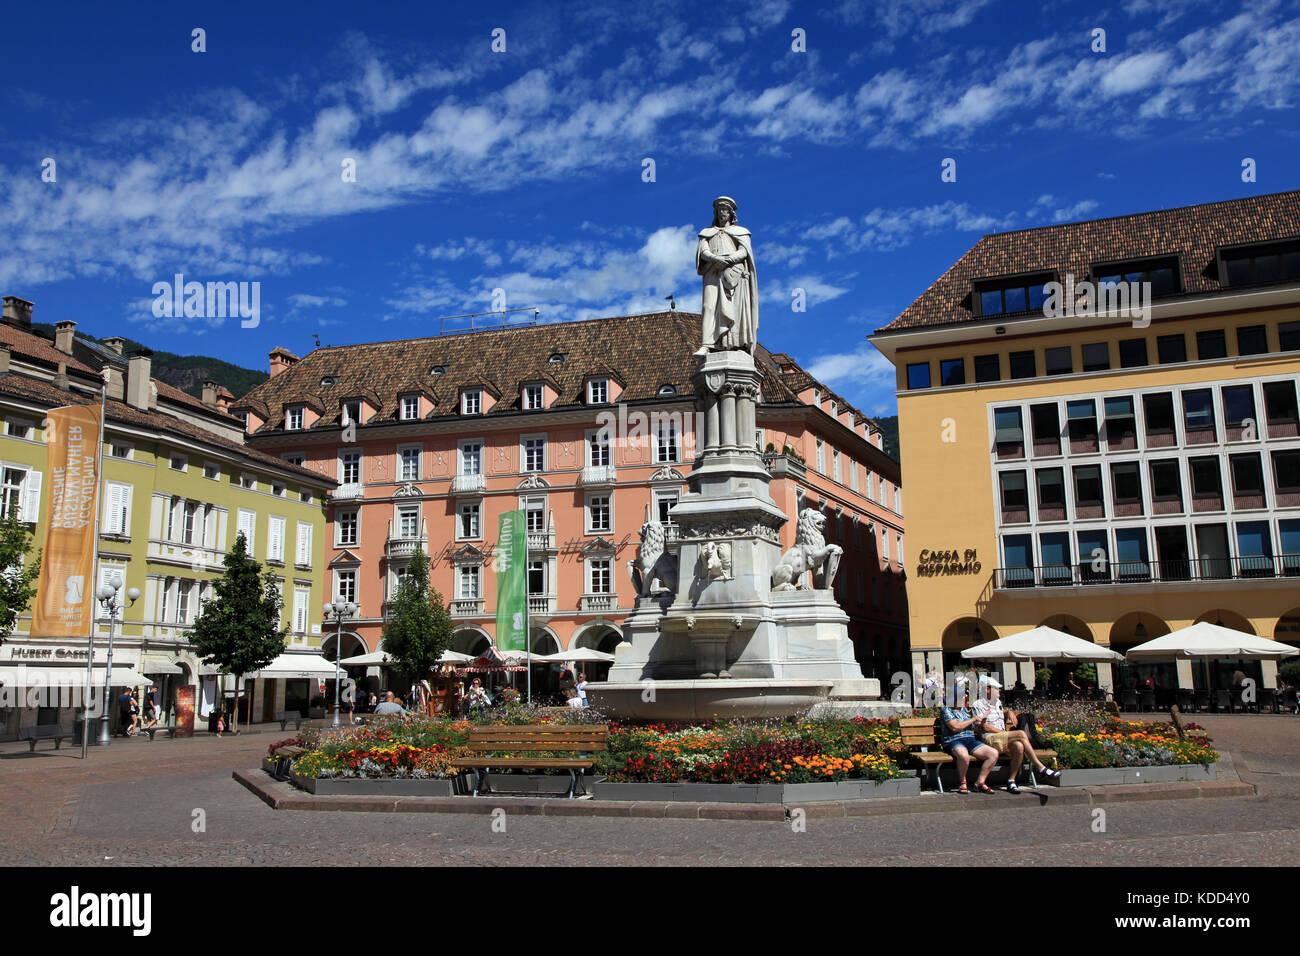 Walther Square, Bolzano, Italy - Stock Image